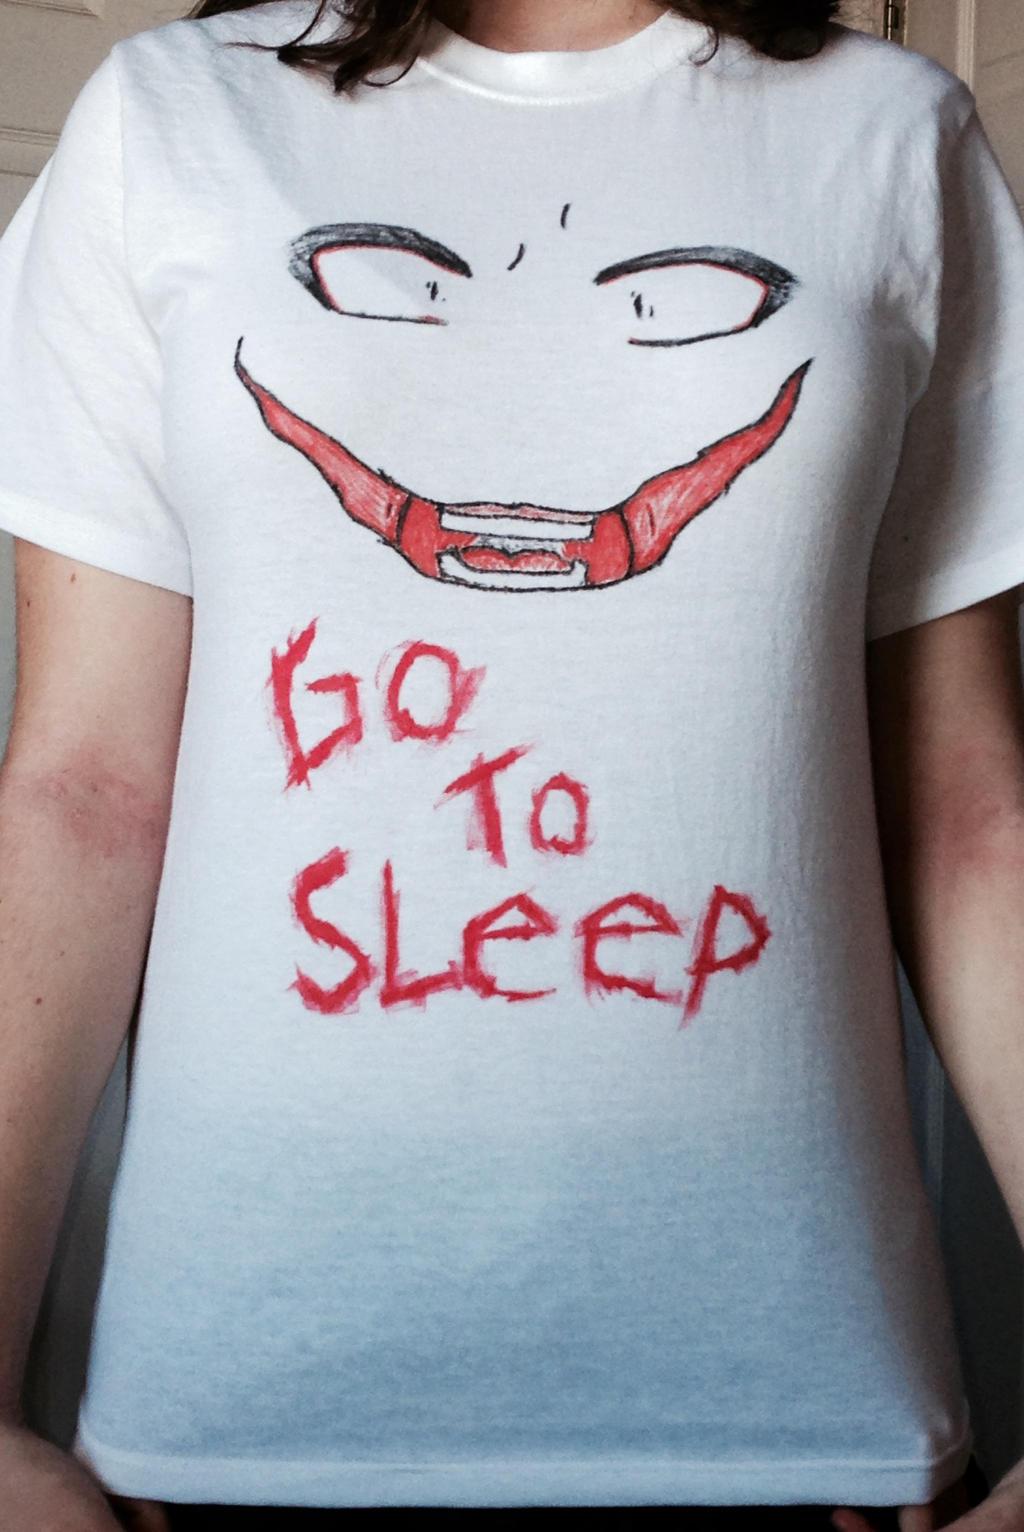 Jeff The Killer shirt by OurMotherJenova